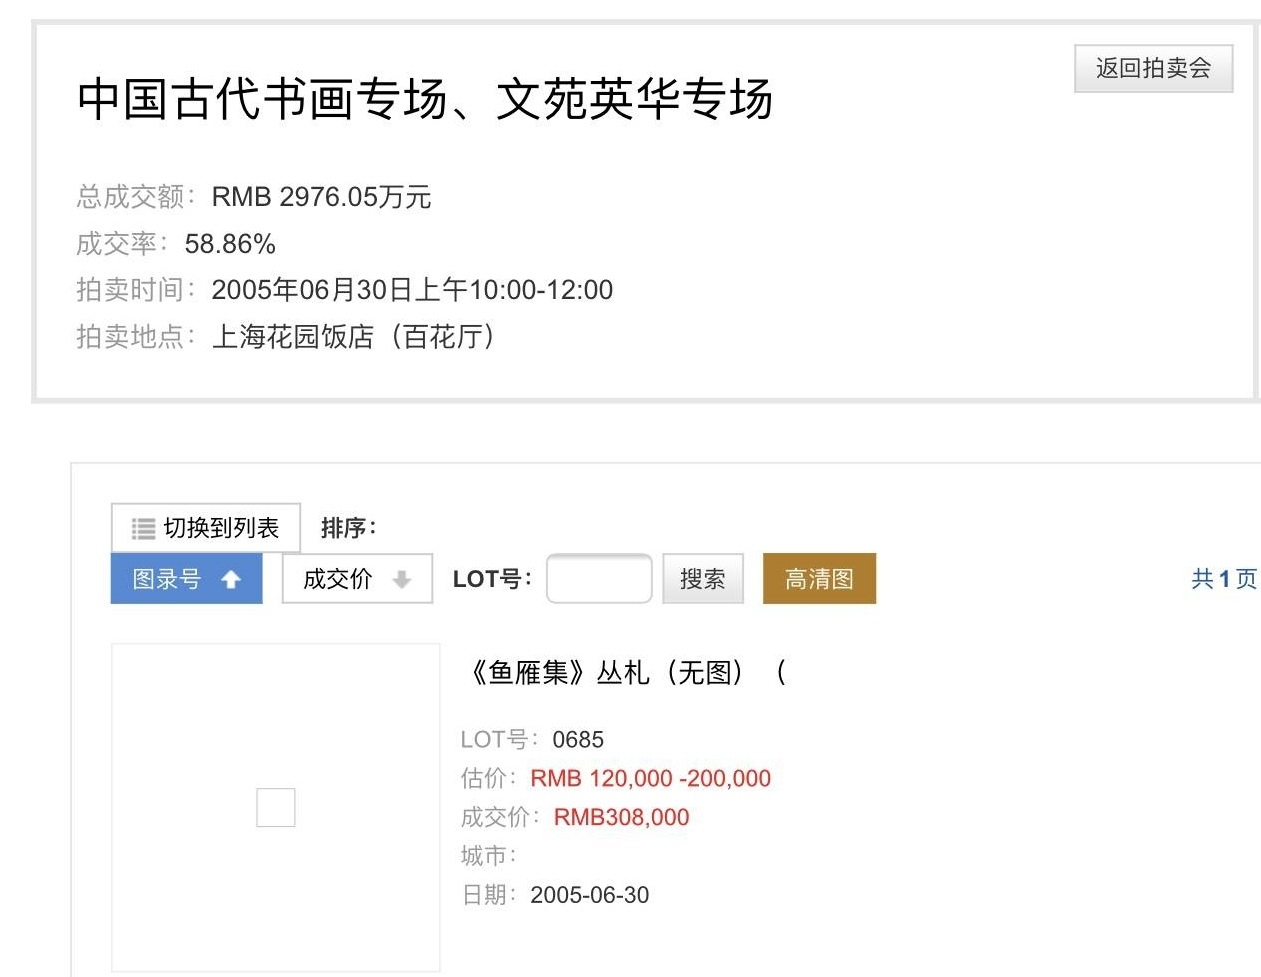 川图失窃文物现身广东拍卖行,广东文物局称此前审核流程合规